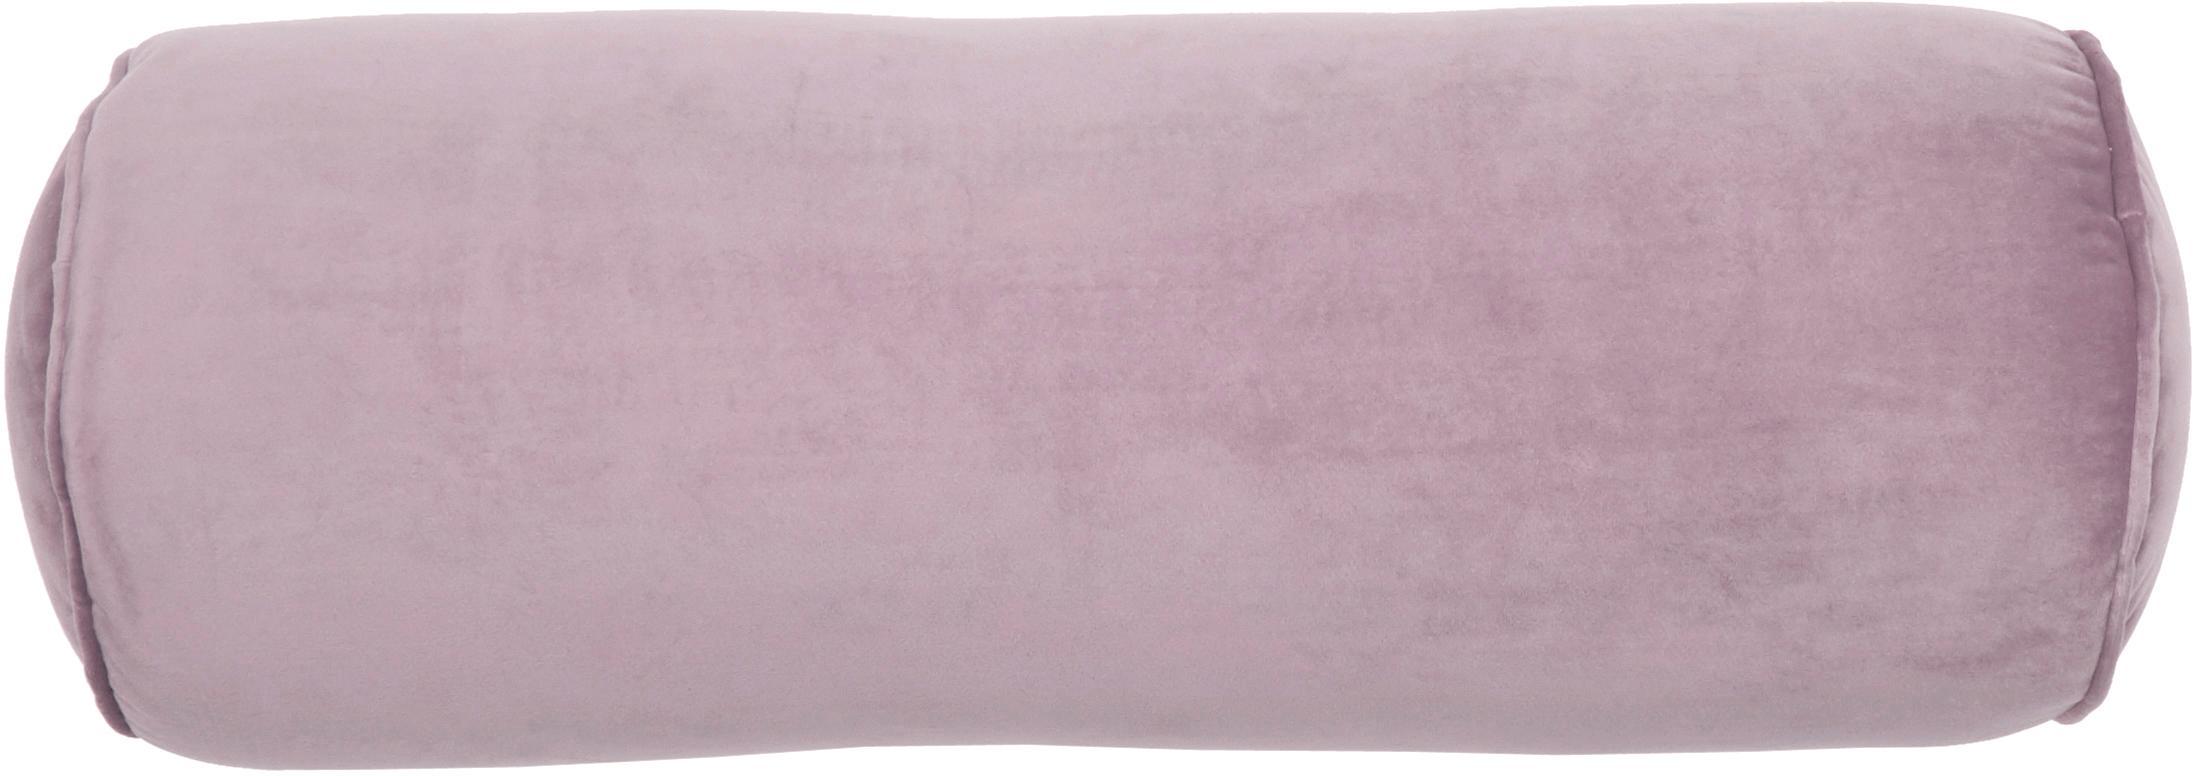 Cuscino a rullo in velluto lucido Monet, Rivestimento: 100% velluto di poliester, Rosa cipria, Ø 18 x Lung. 50 cm